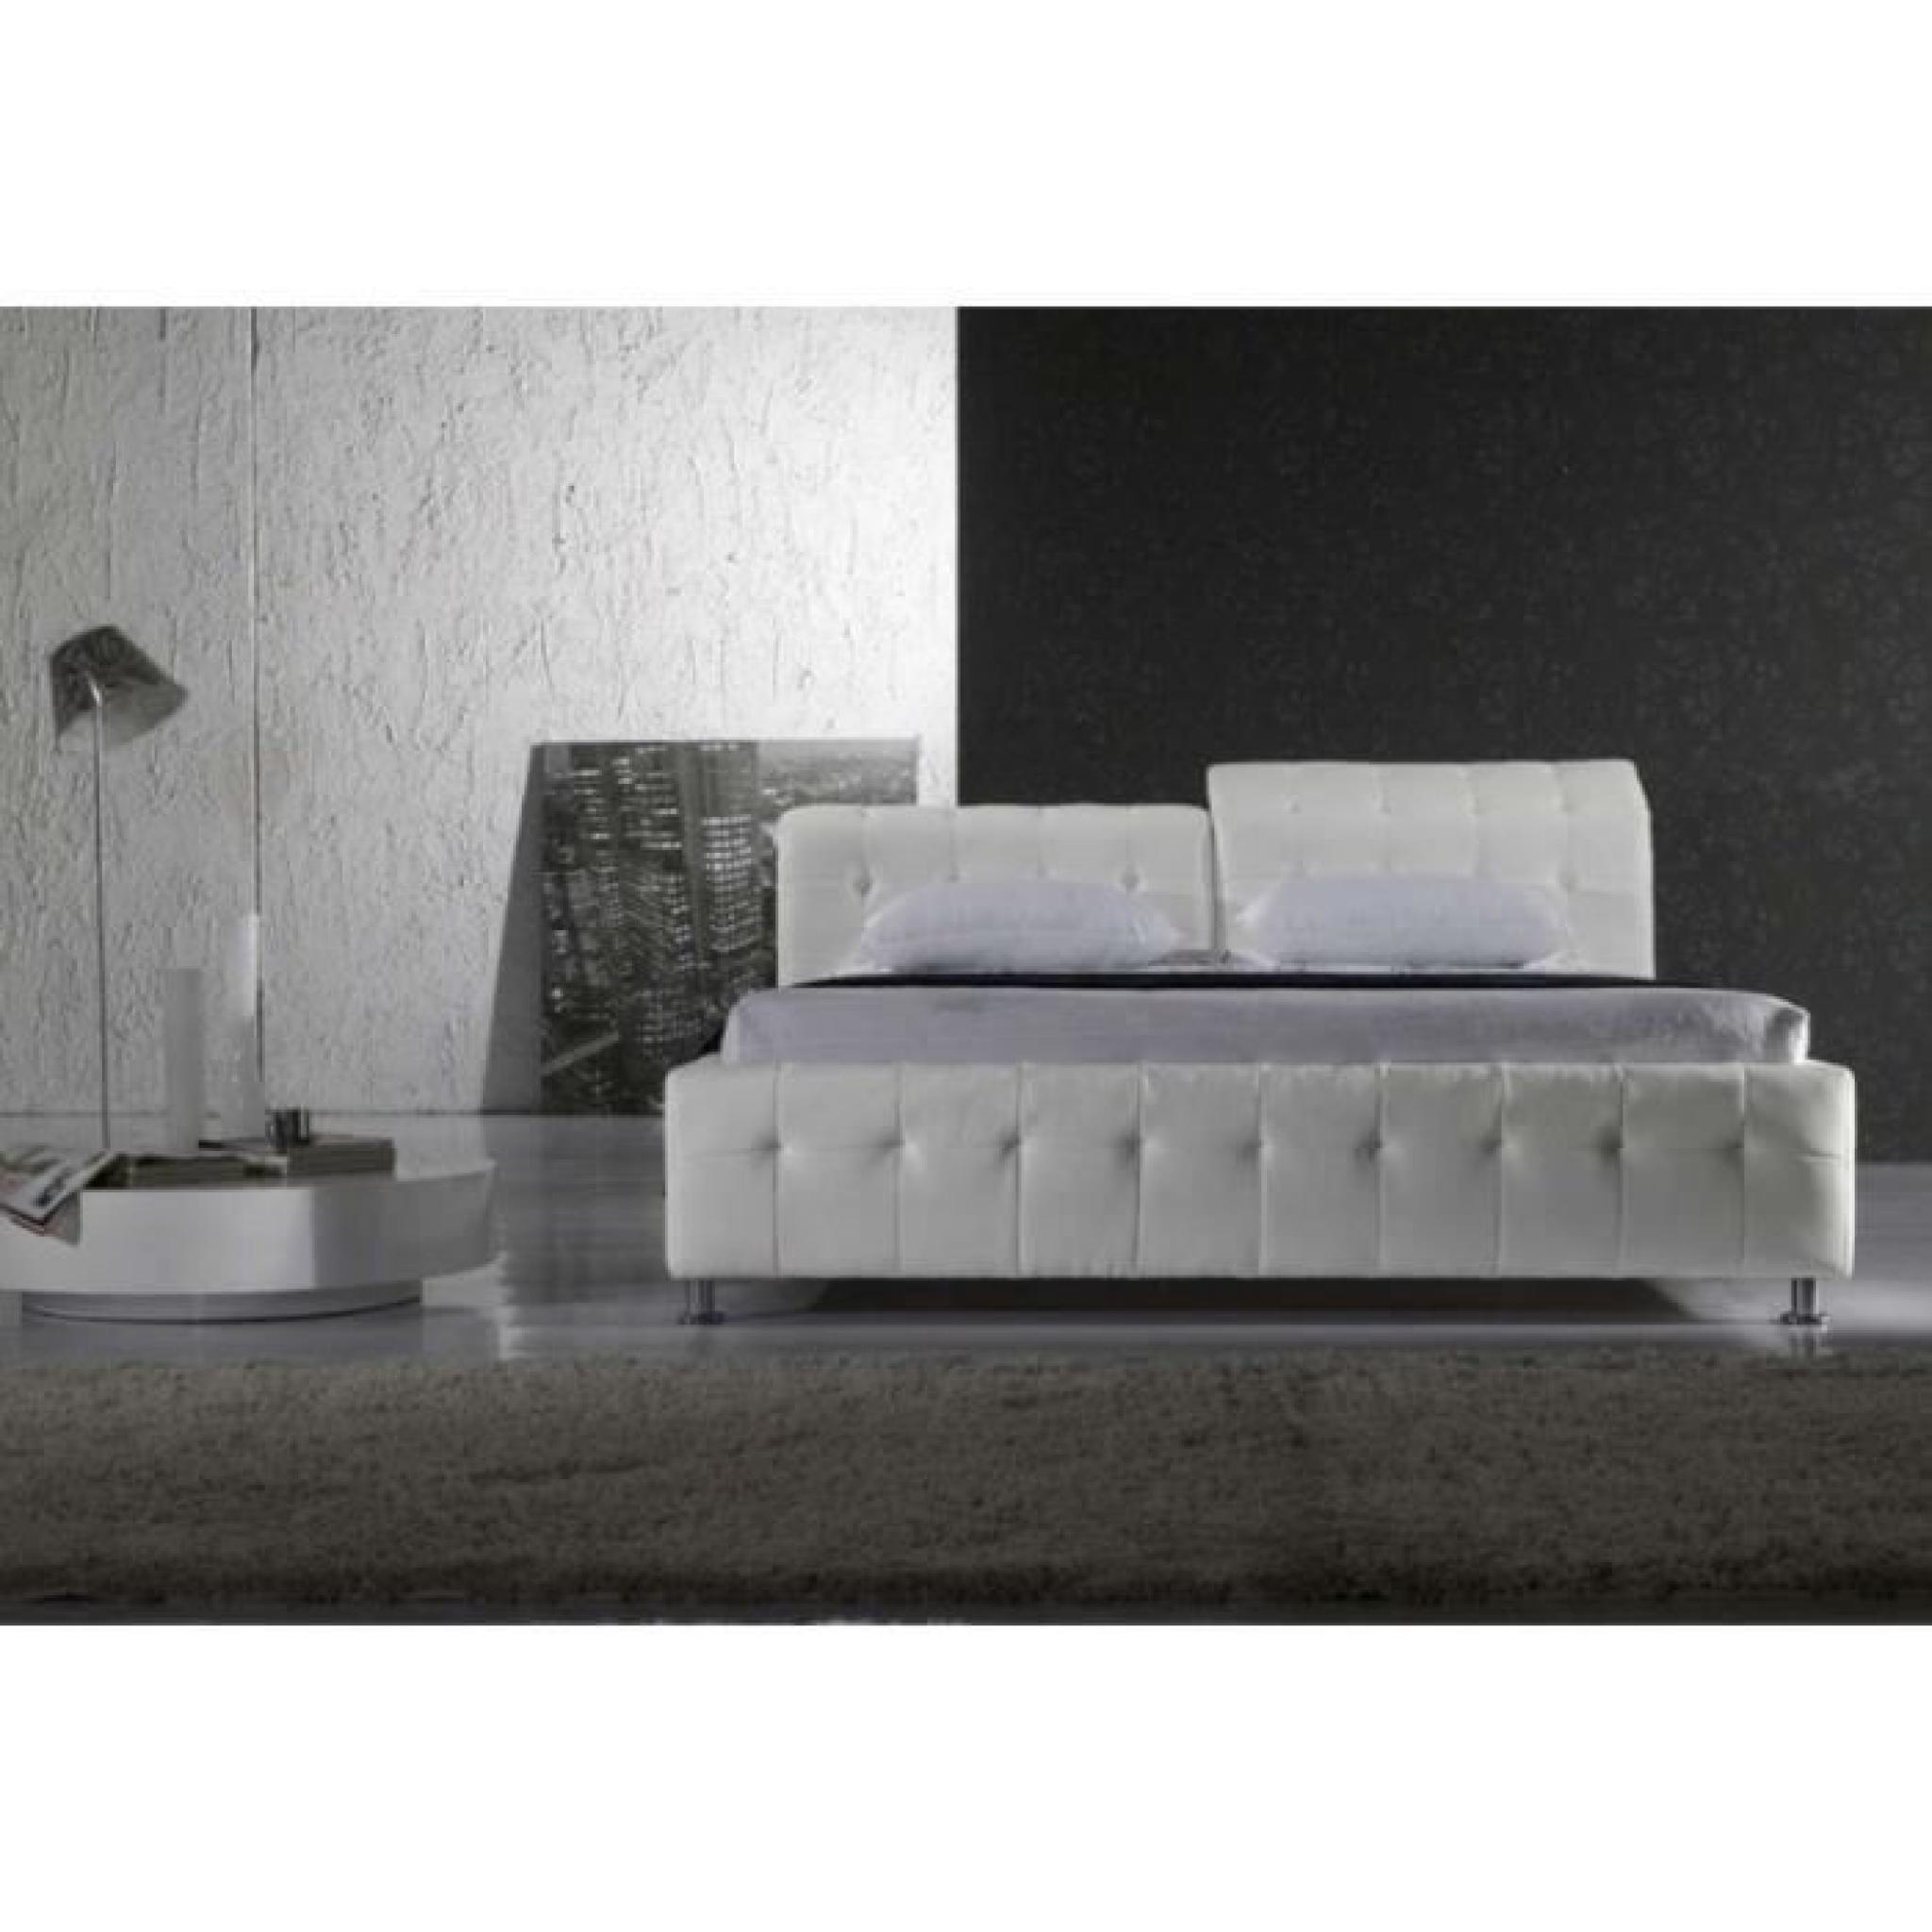 Justhome theatro plus blanc lit rembourr en cuir cologique taille 200 x 200 cm achat vente - Lit en cuir blanc pas cher ...